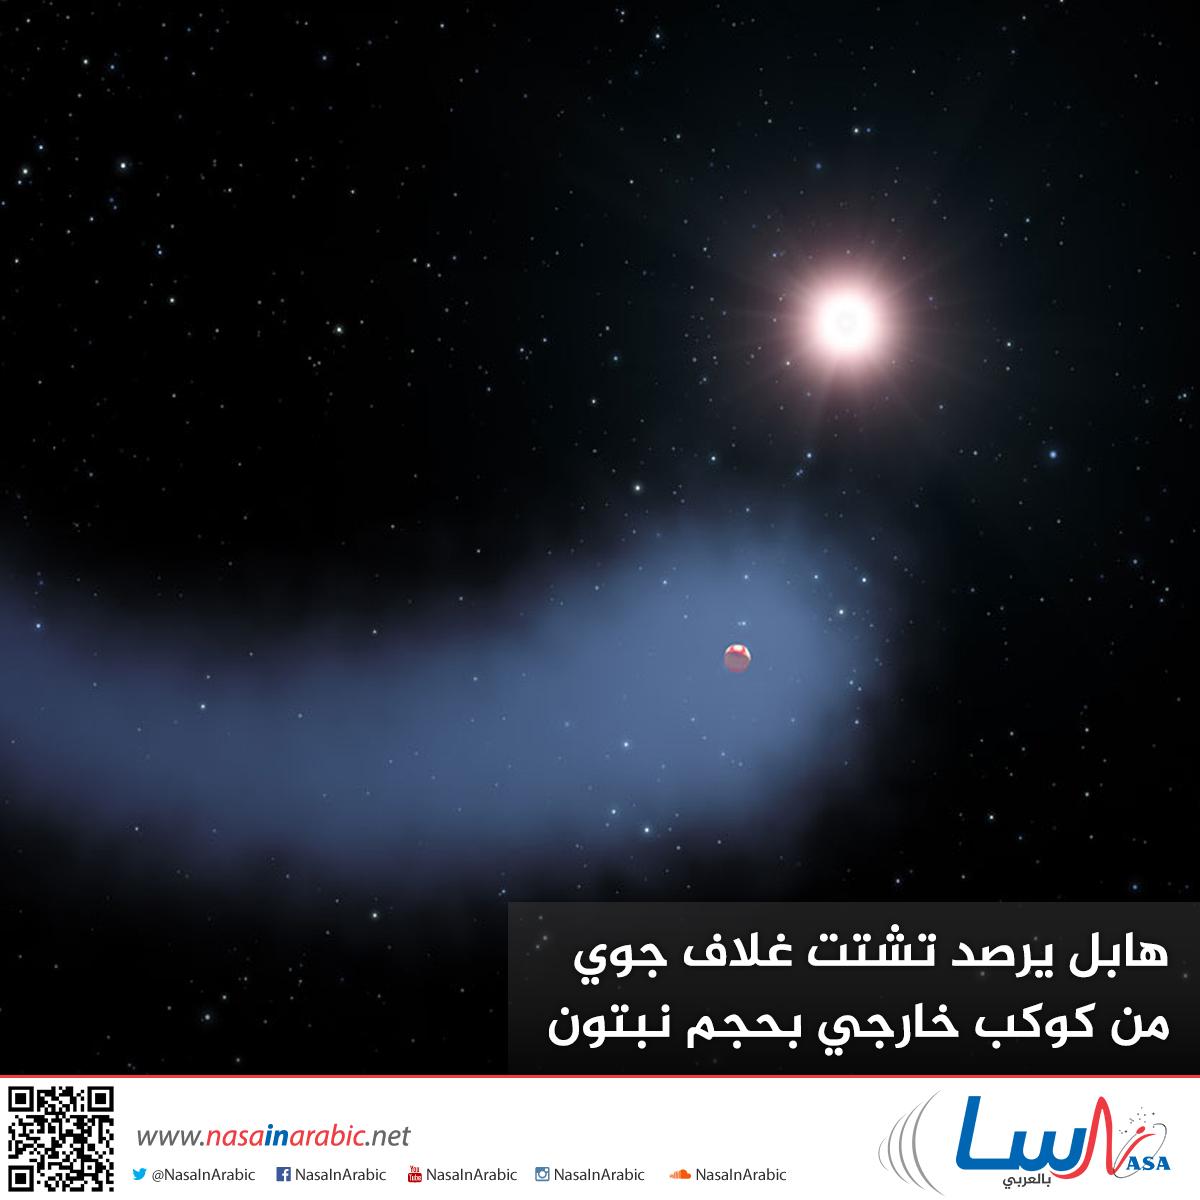 هابل يرصد تشتت غلاف جوي من كوكب خارجي بحجم نبتون